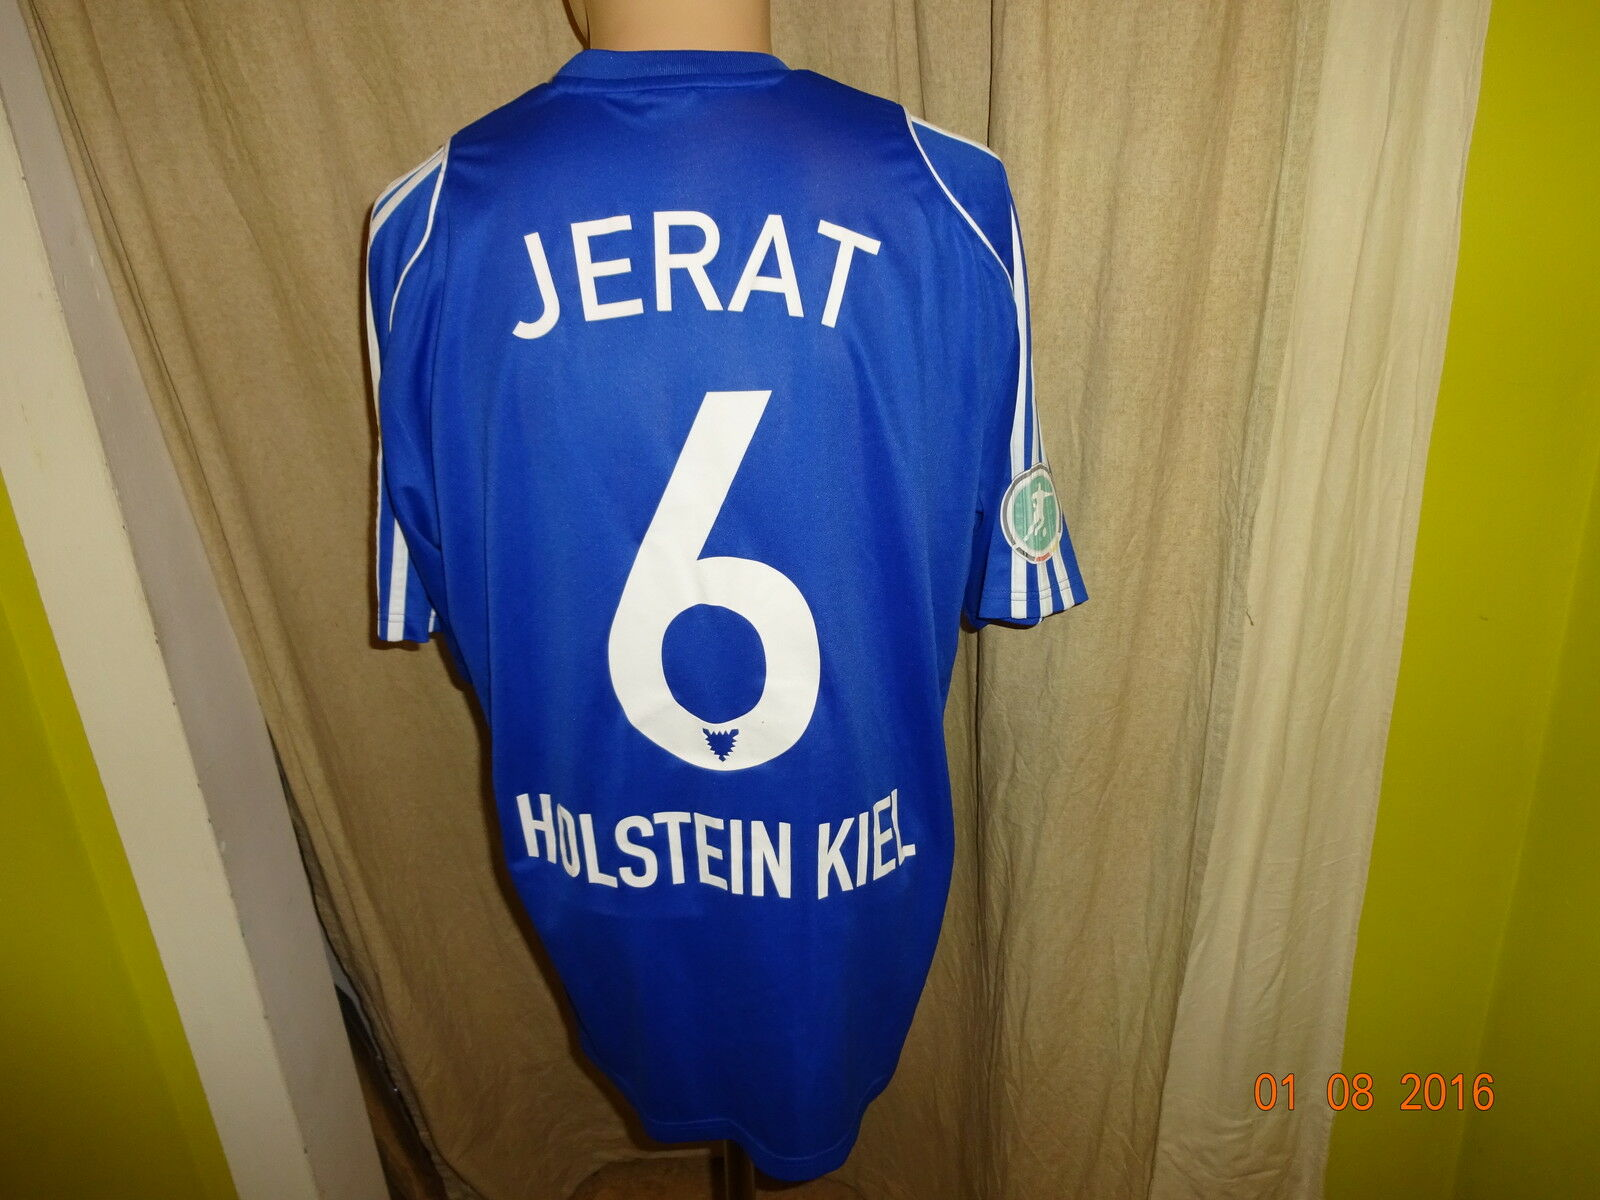 Holstein Kiel Adidas Heim Matchworn Trikot 2008 09  famila  + Nr.6 Jerat Gr.L    Zu einem erschwinglichen Preis